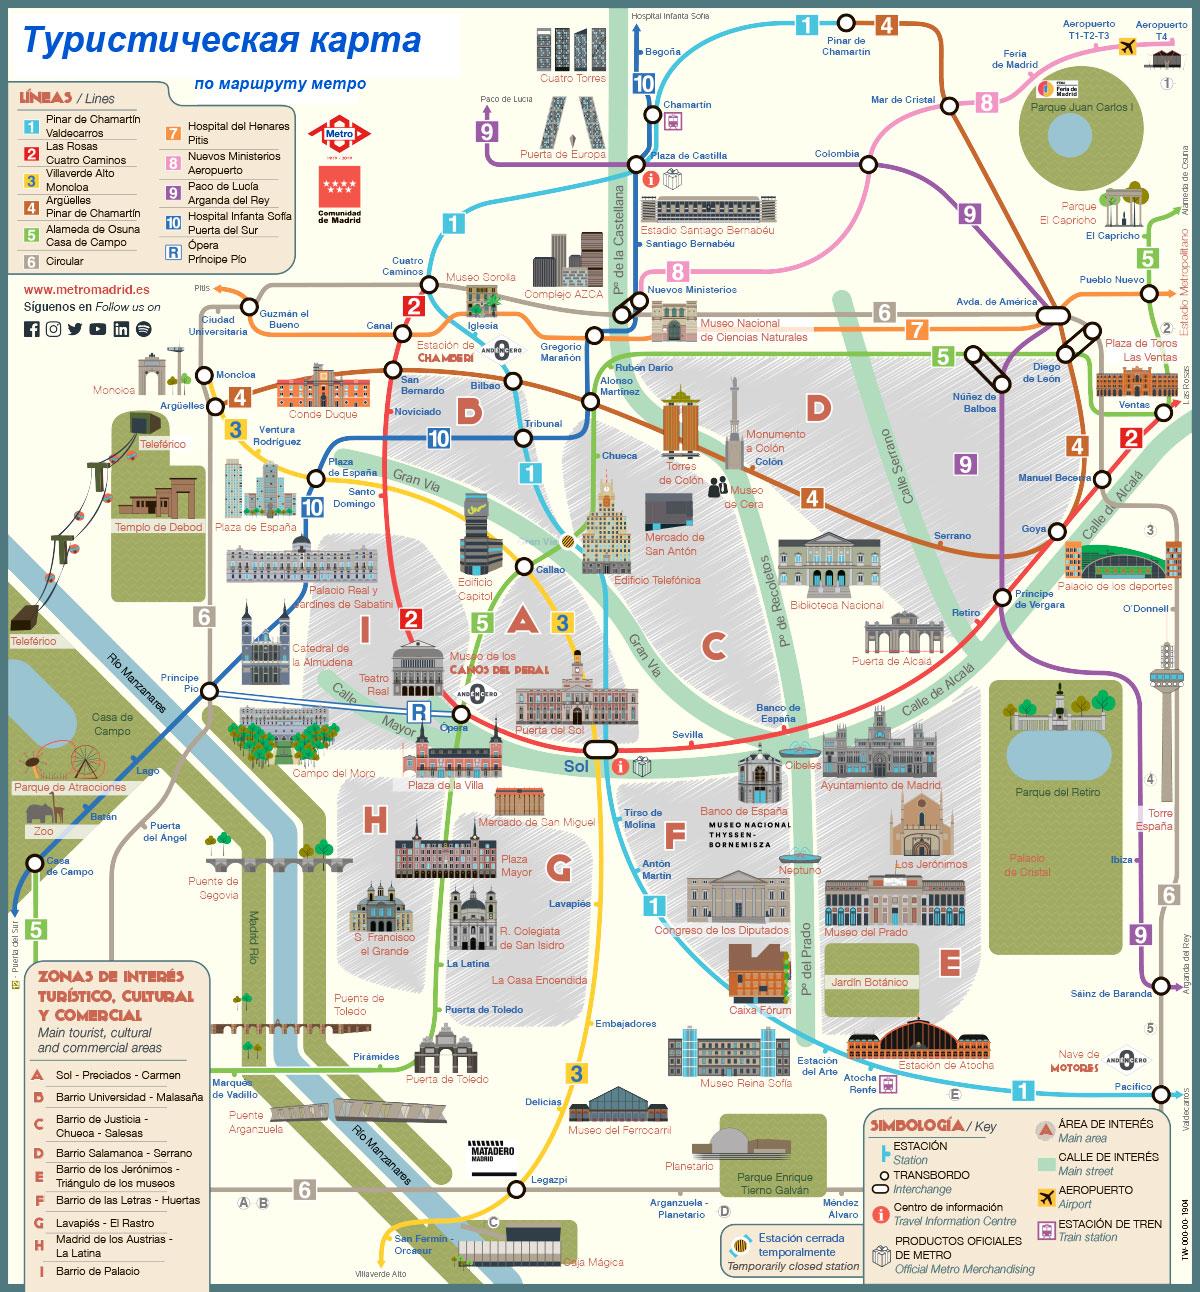 Туристический маршрут в Мадриде на метро